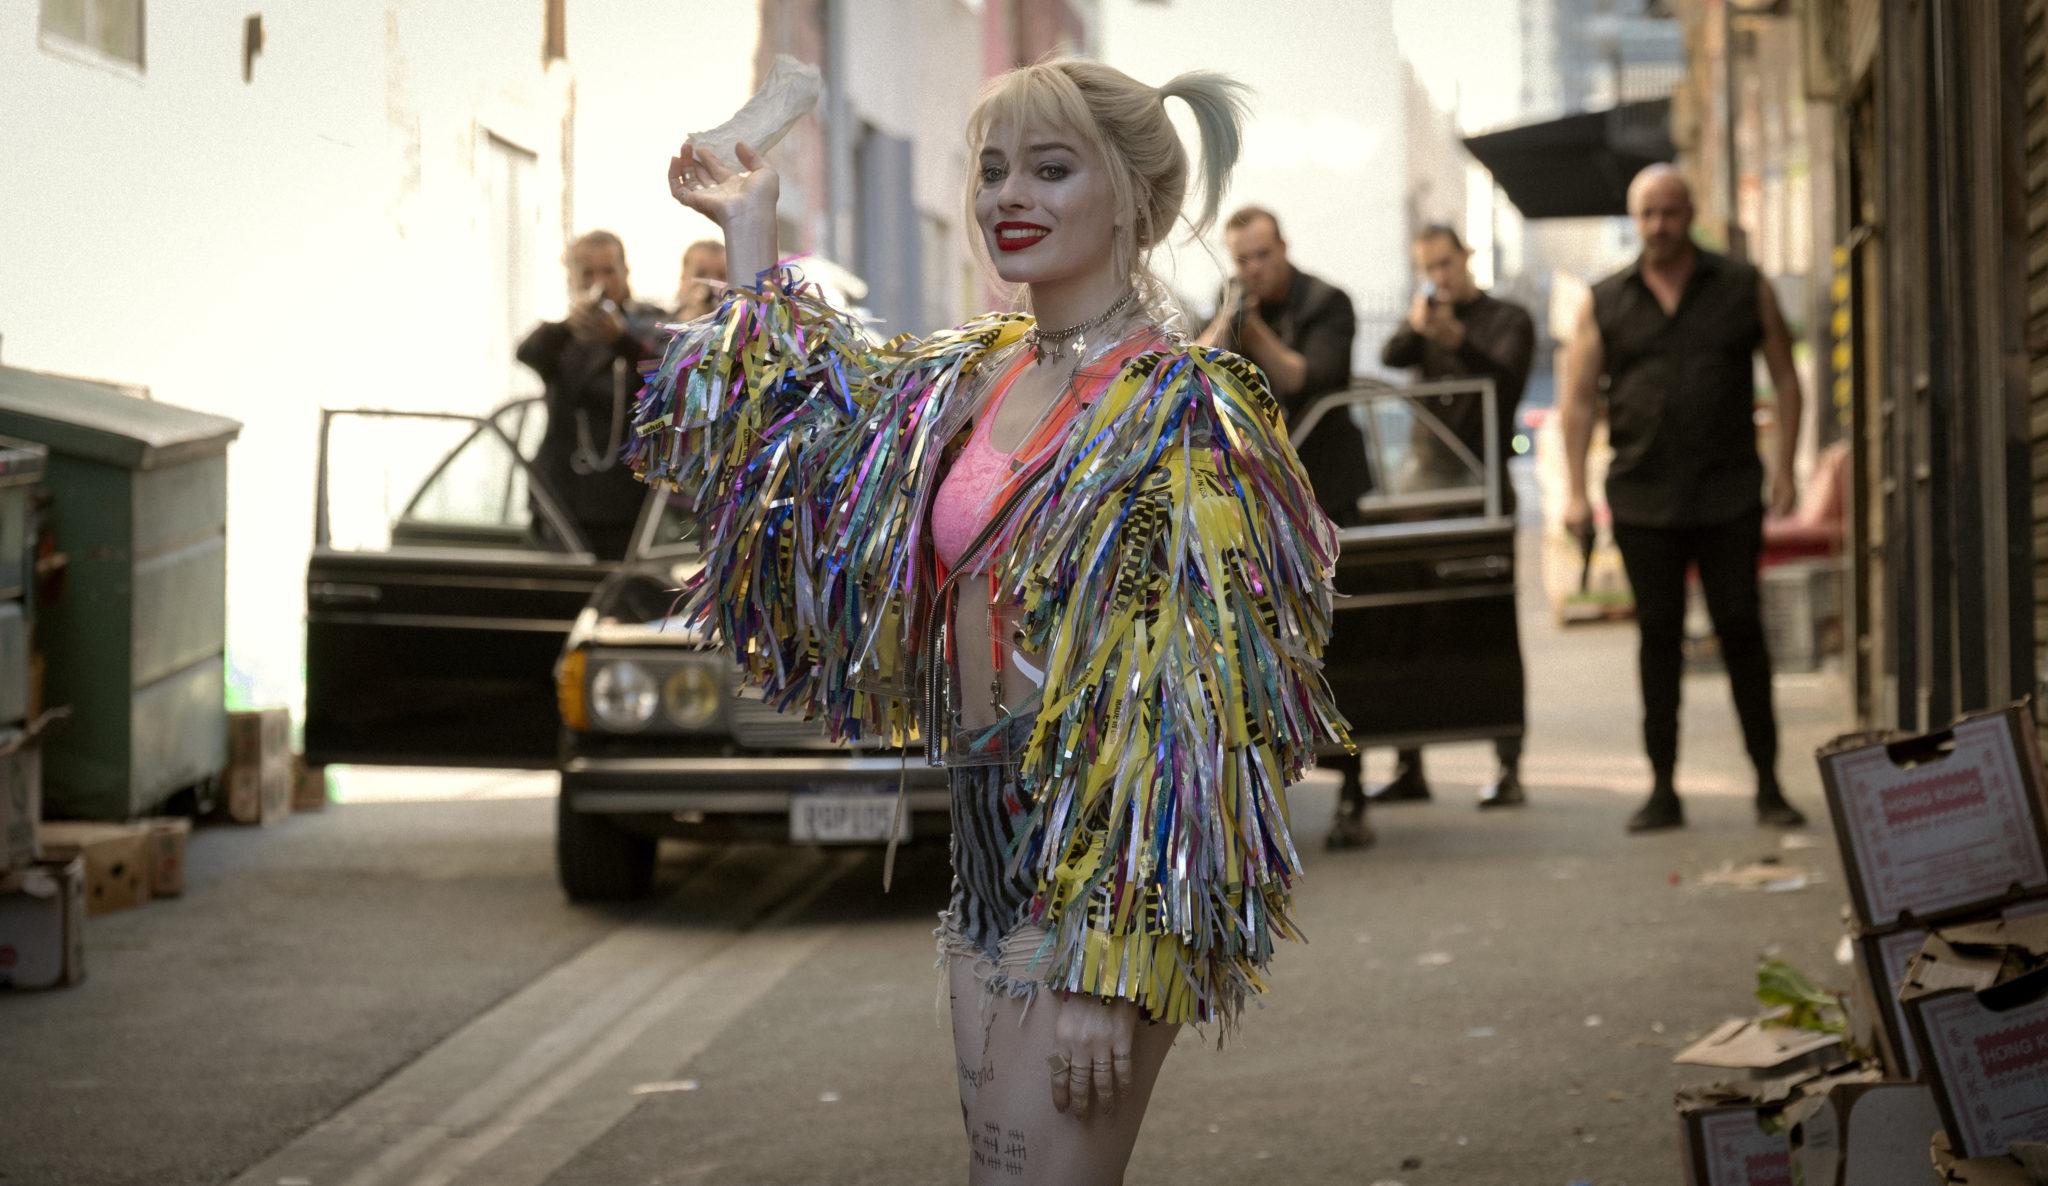 Die Protagonistin gespielt von Margot Robbie